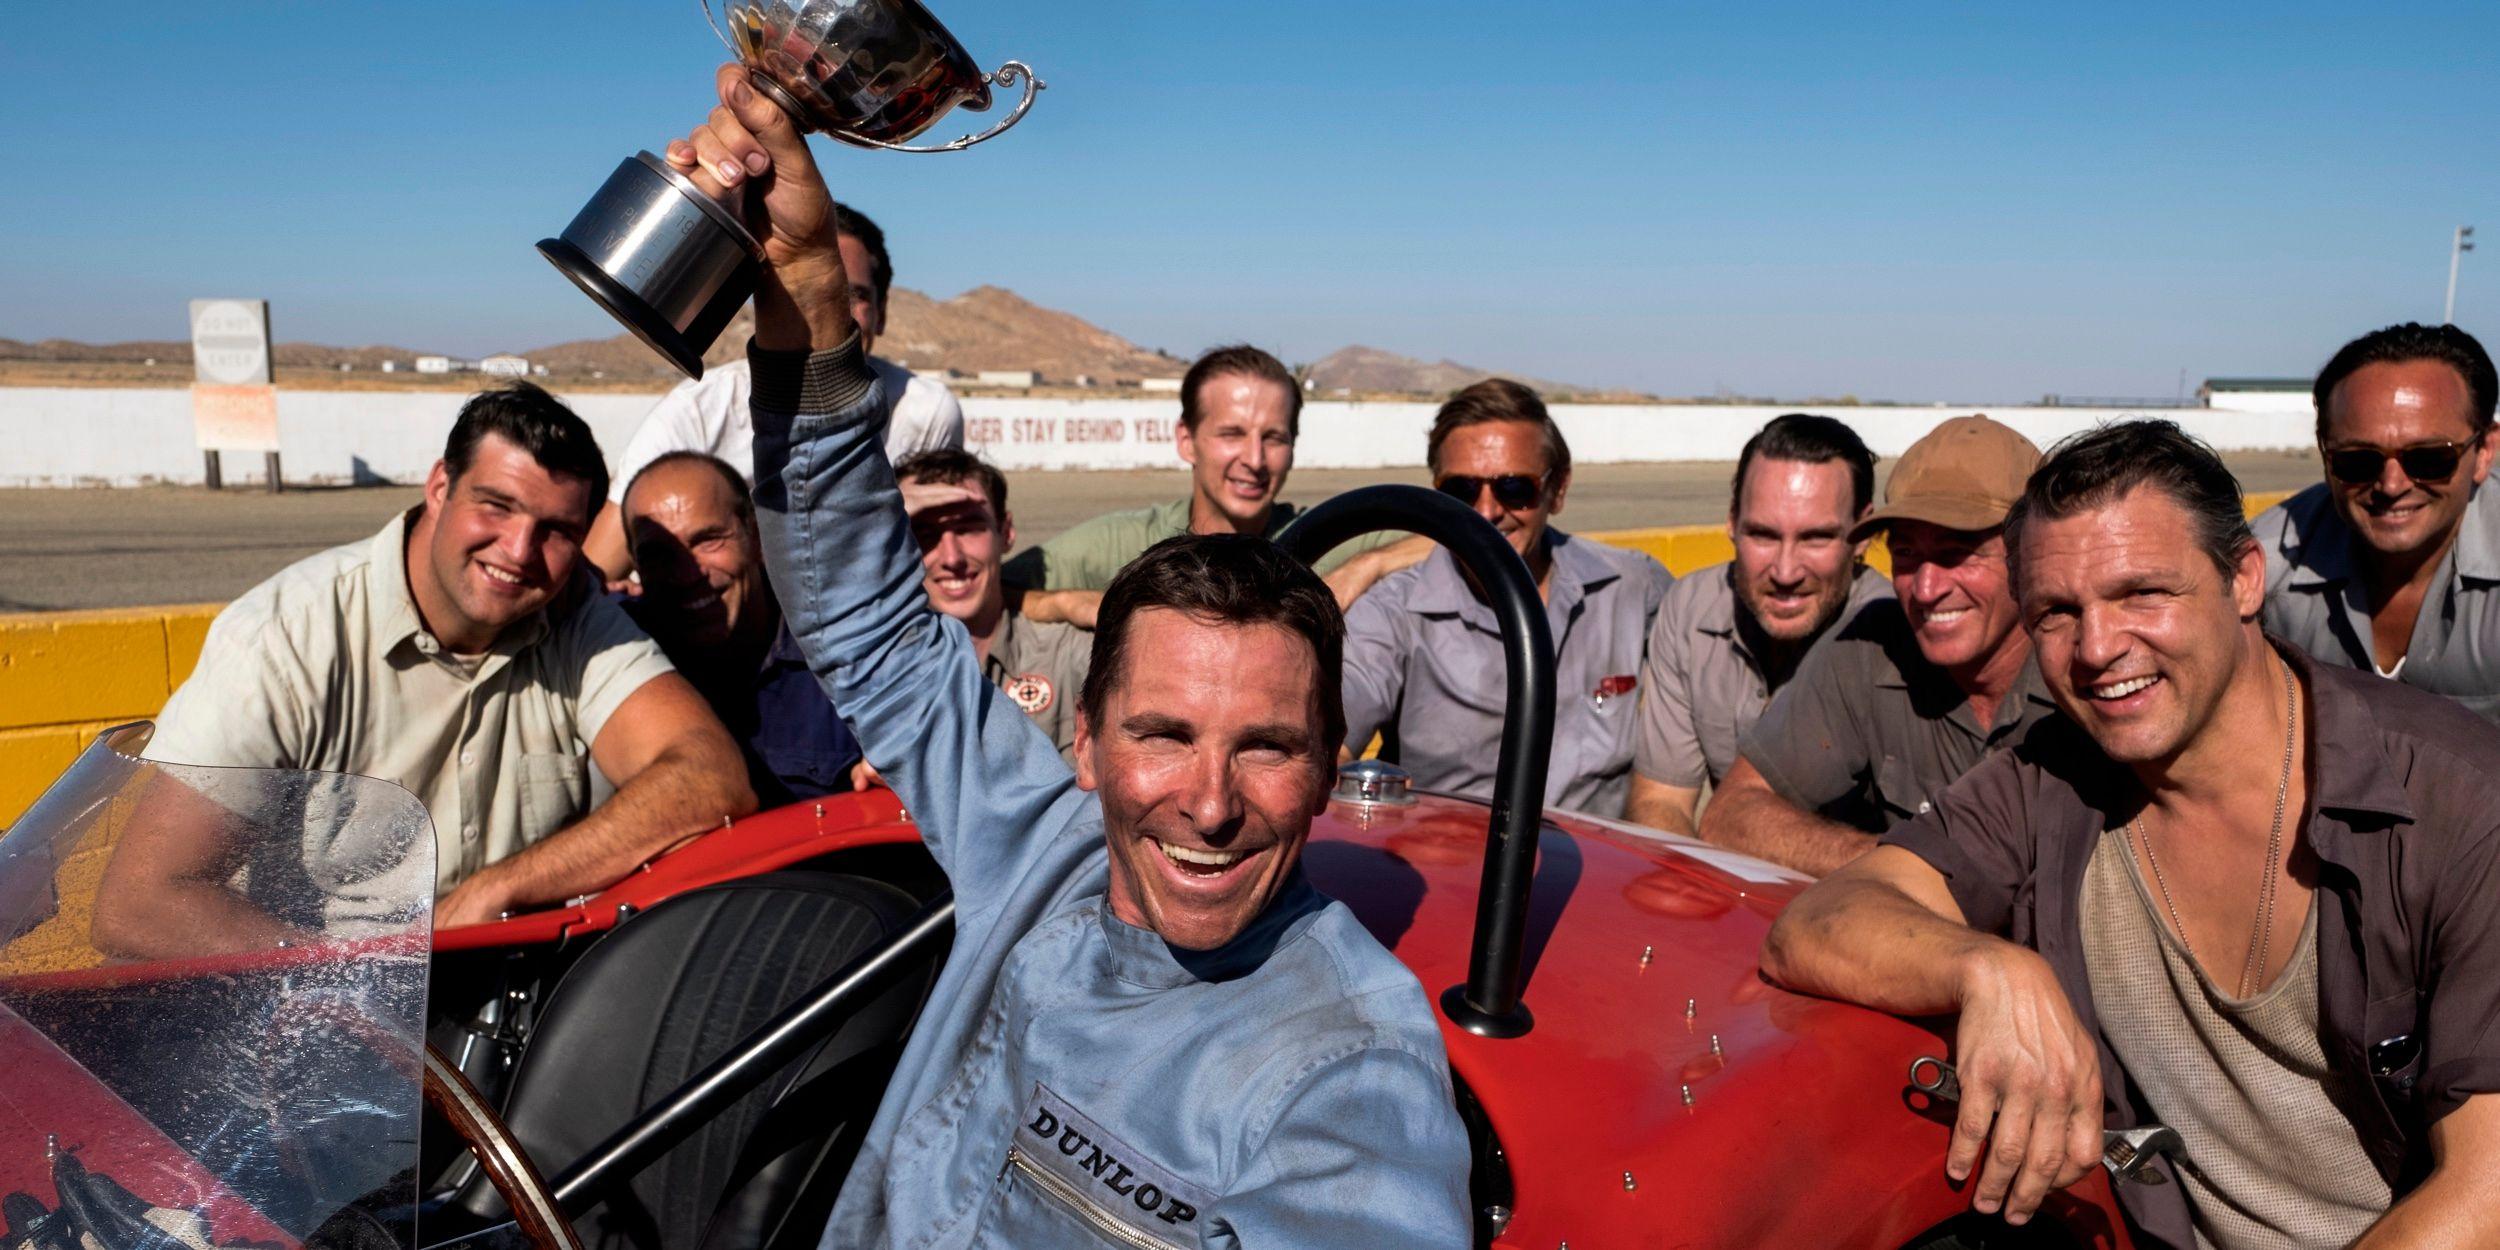 Ford v. Ferrari Movie Trailer: Bale & Damon Try to Win Les Mans